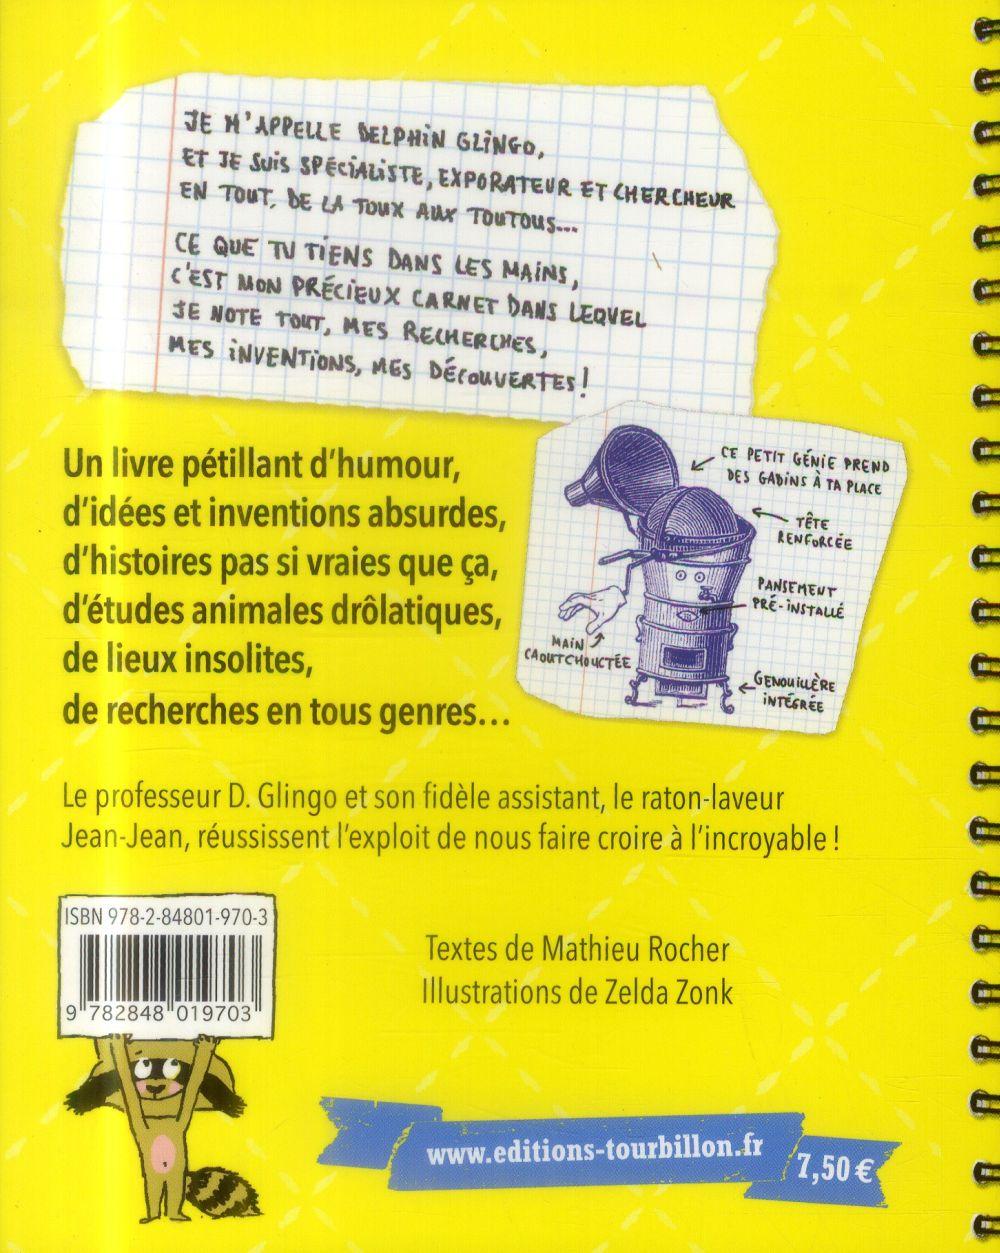 Le carnet dingo ! du professeur D.Glingo